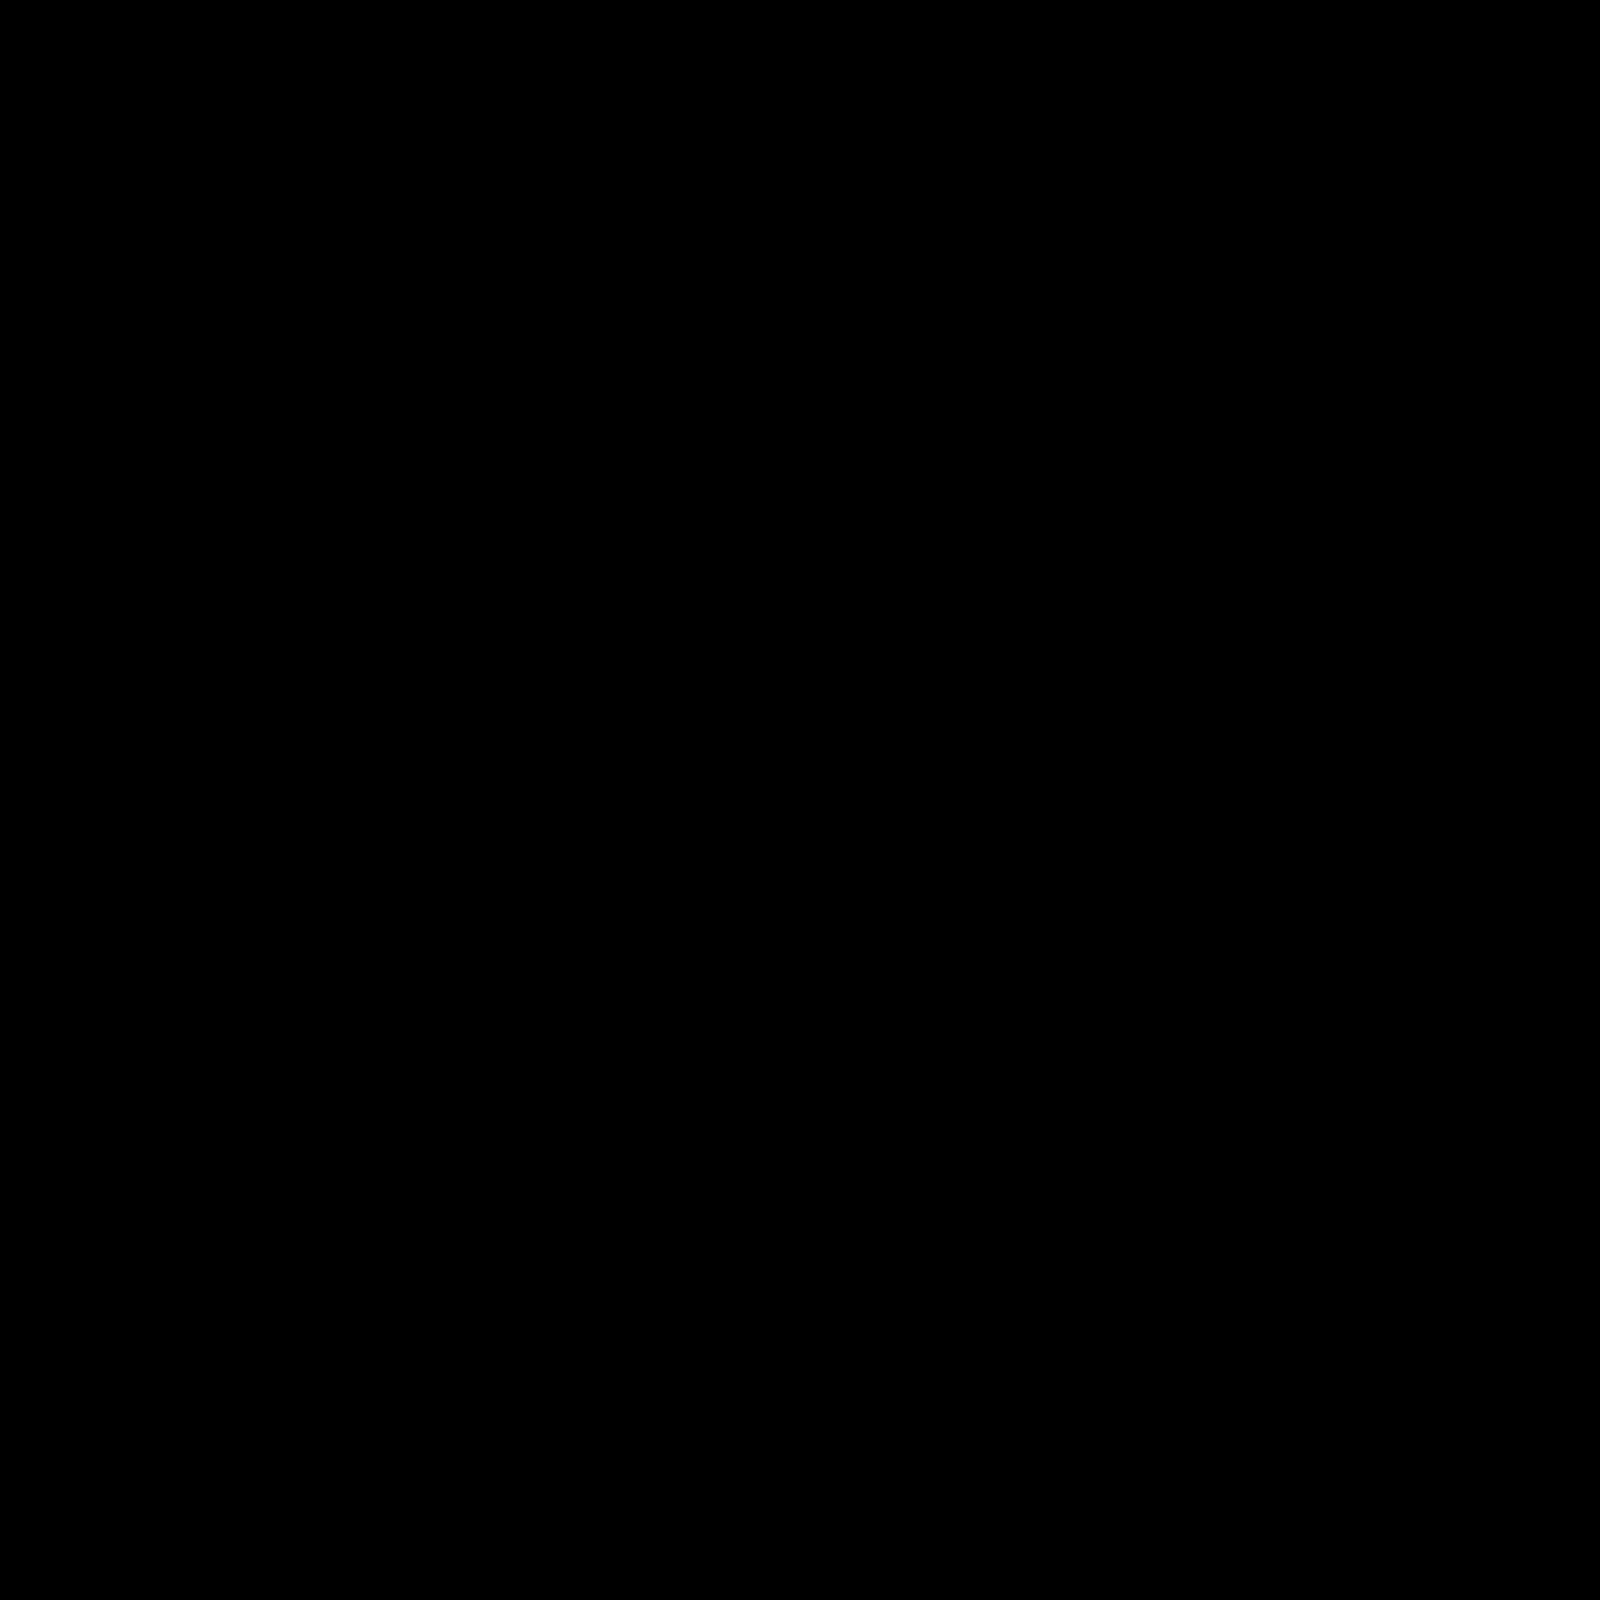 运动 icon. It's the drawing of a football.  The football is diagonal as if it has been thrown.  The outline of the football is an oval, and there is a line inside of the oval with hash marks across it to indicate the threads of the football.